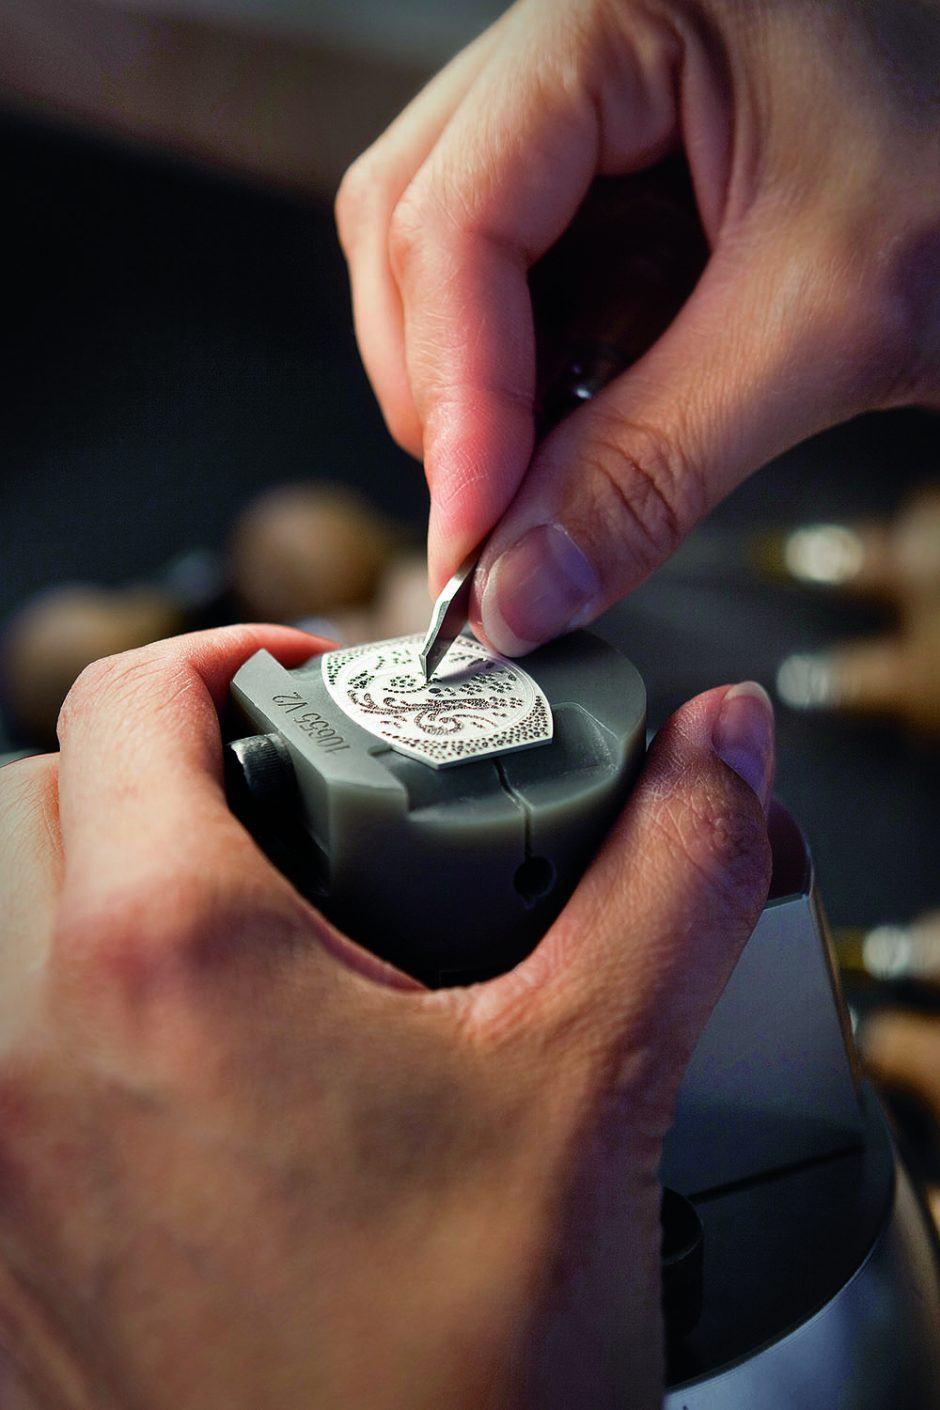 Patek Philippe dial making